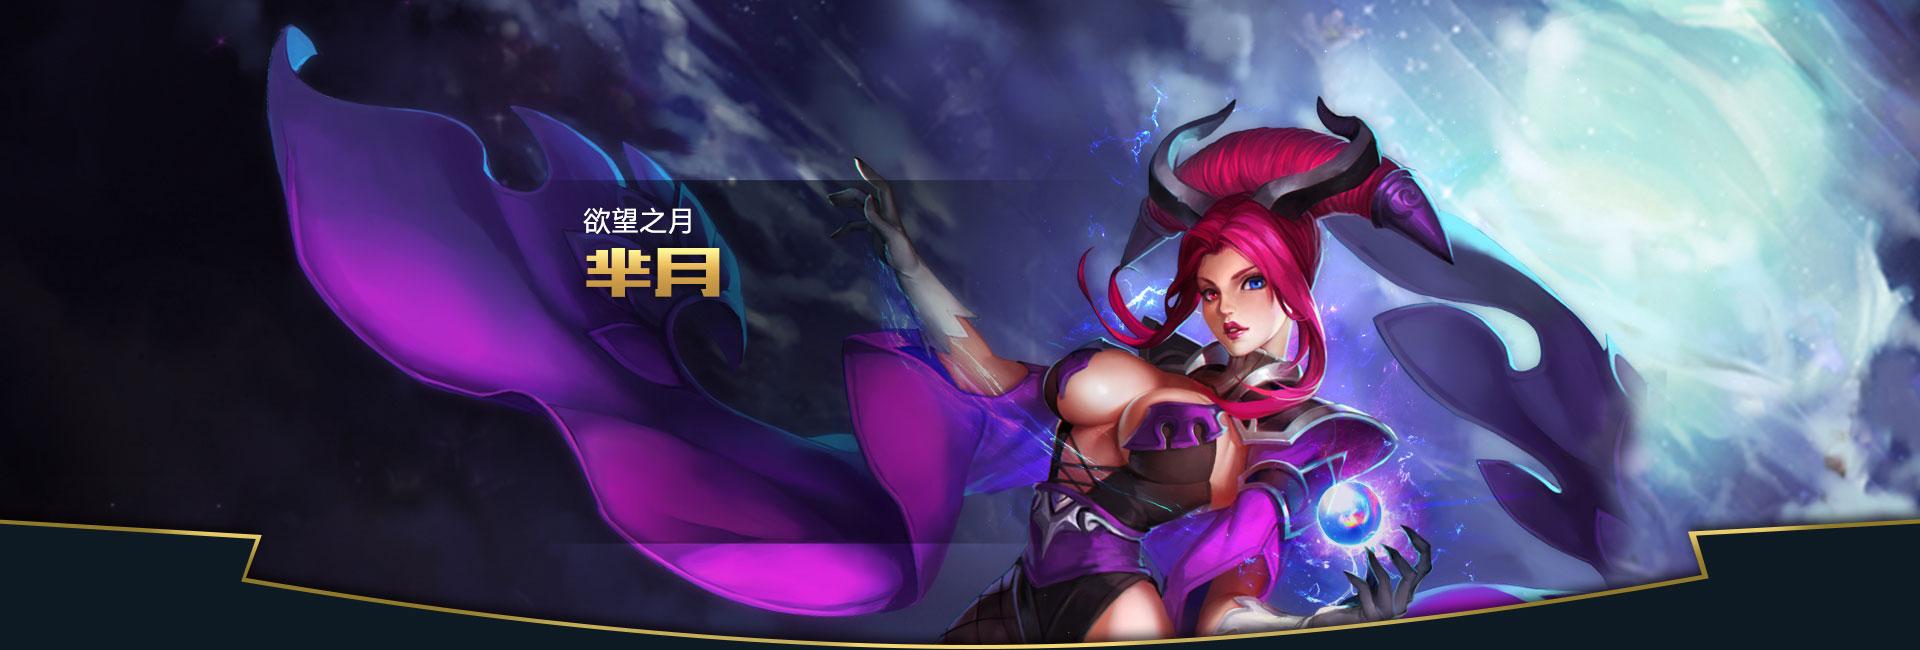 第2弹《王者荣耀英雄皮肤CG》竞技游戏103